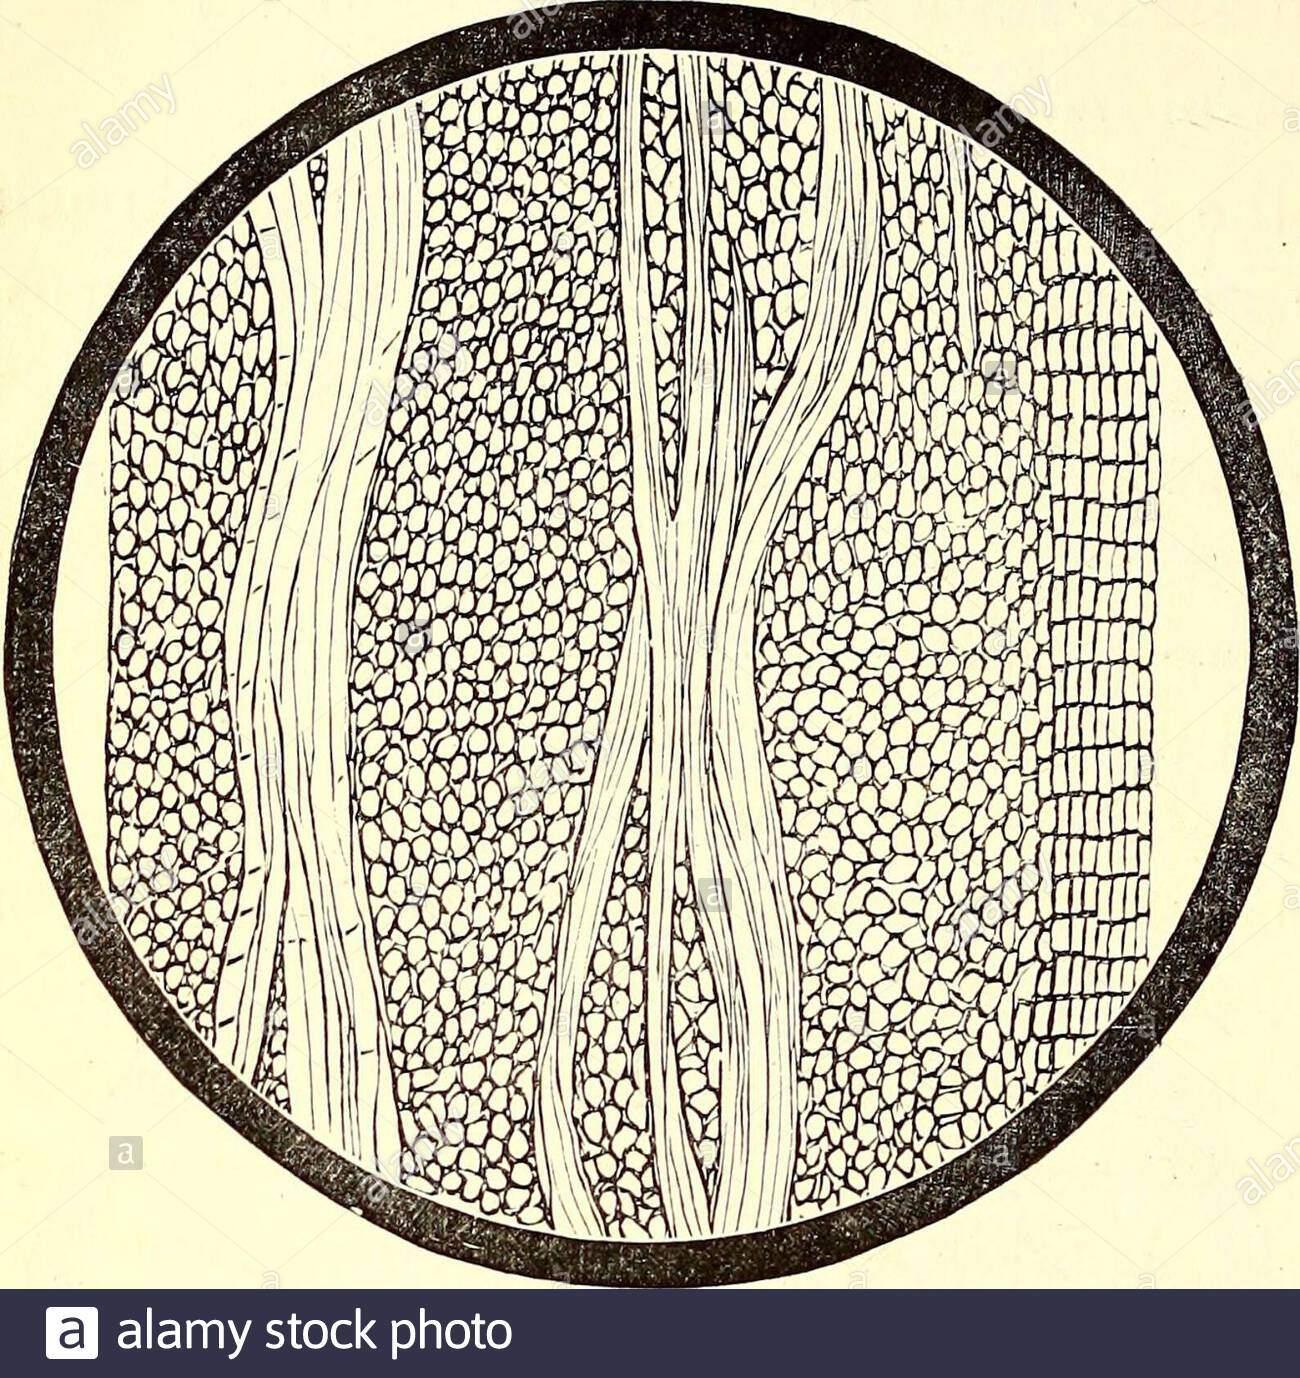 american journal der apotheke 596 jrubus villosus f standort jour pharm1 dez 1881 braune farbe aussen und einer dunkleren braun in der mittleren schicht und etwas zerknittert ein langsschnitt der rinde zeigt faserige orbast gewebe das macht es sehr zah und stark obwohl es in der richtung der faser mit komparativen einfach abgerissen werden cross abschnitt stellt me dullary strahlen und t er keilformig bundlesof bastfasern gewebe der epi oder aboutsix phloeum besteht aus sieben schichten oftabular zellen und quiteporous themeditullium ist von den zahlrei kanale barkfou 2akpnwe